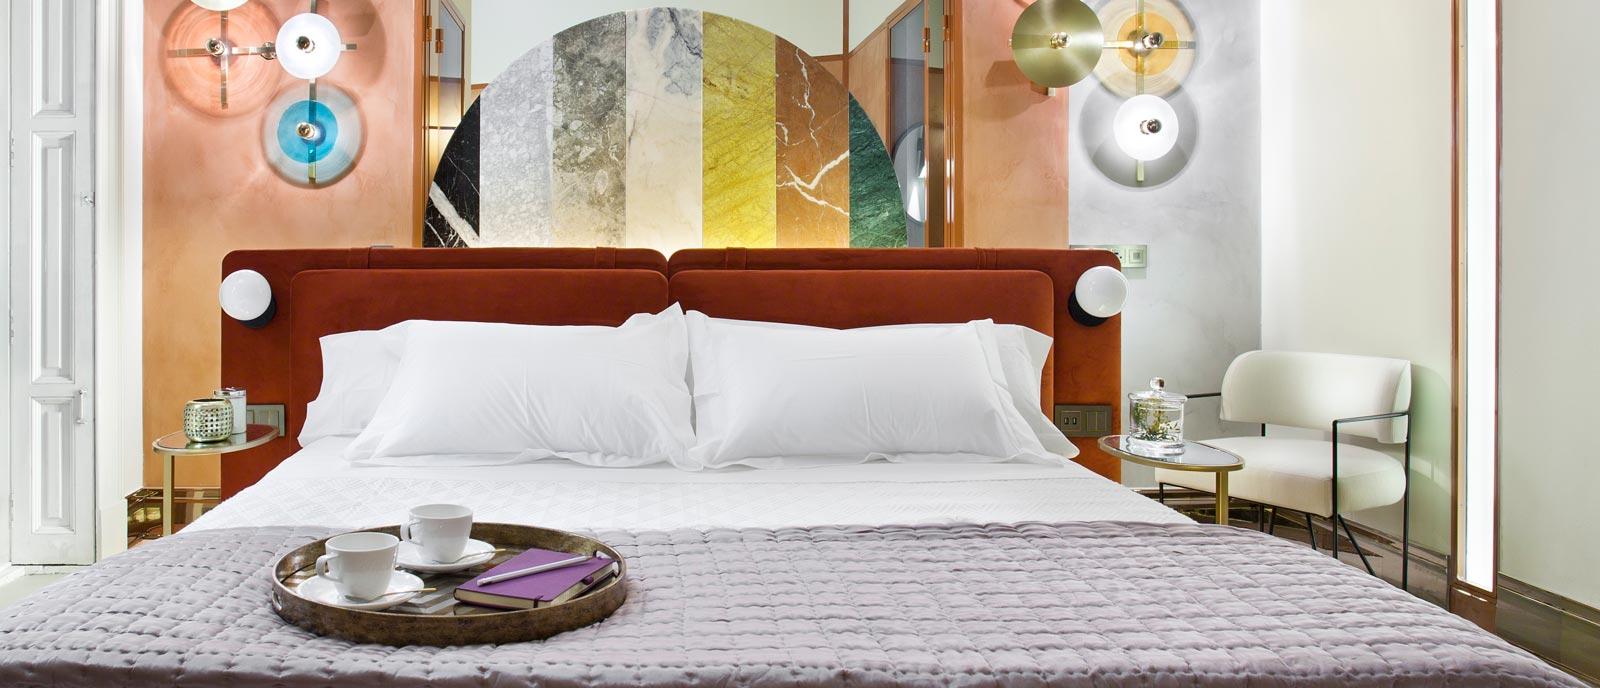 Suite «Geometric Hotel» – Espacio ABB Niessen